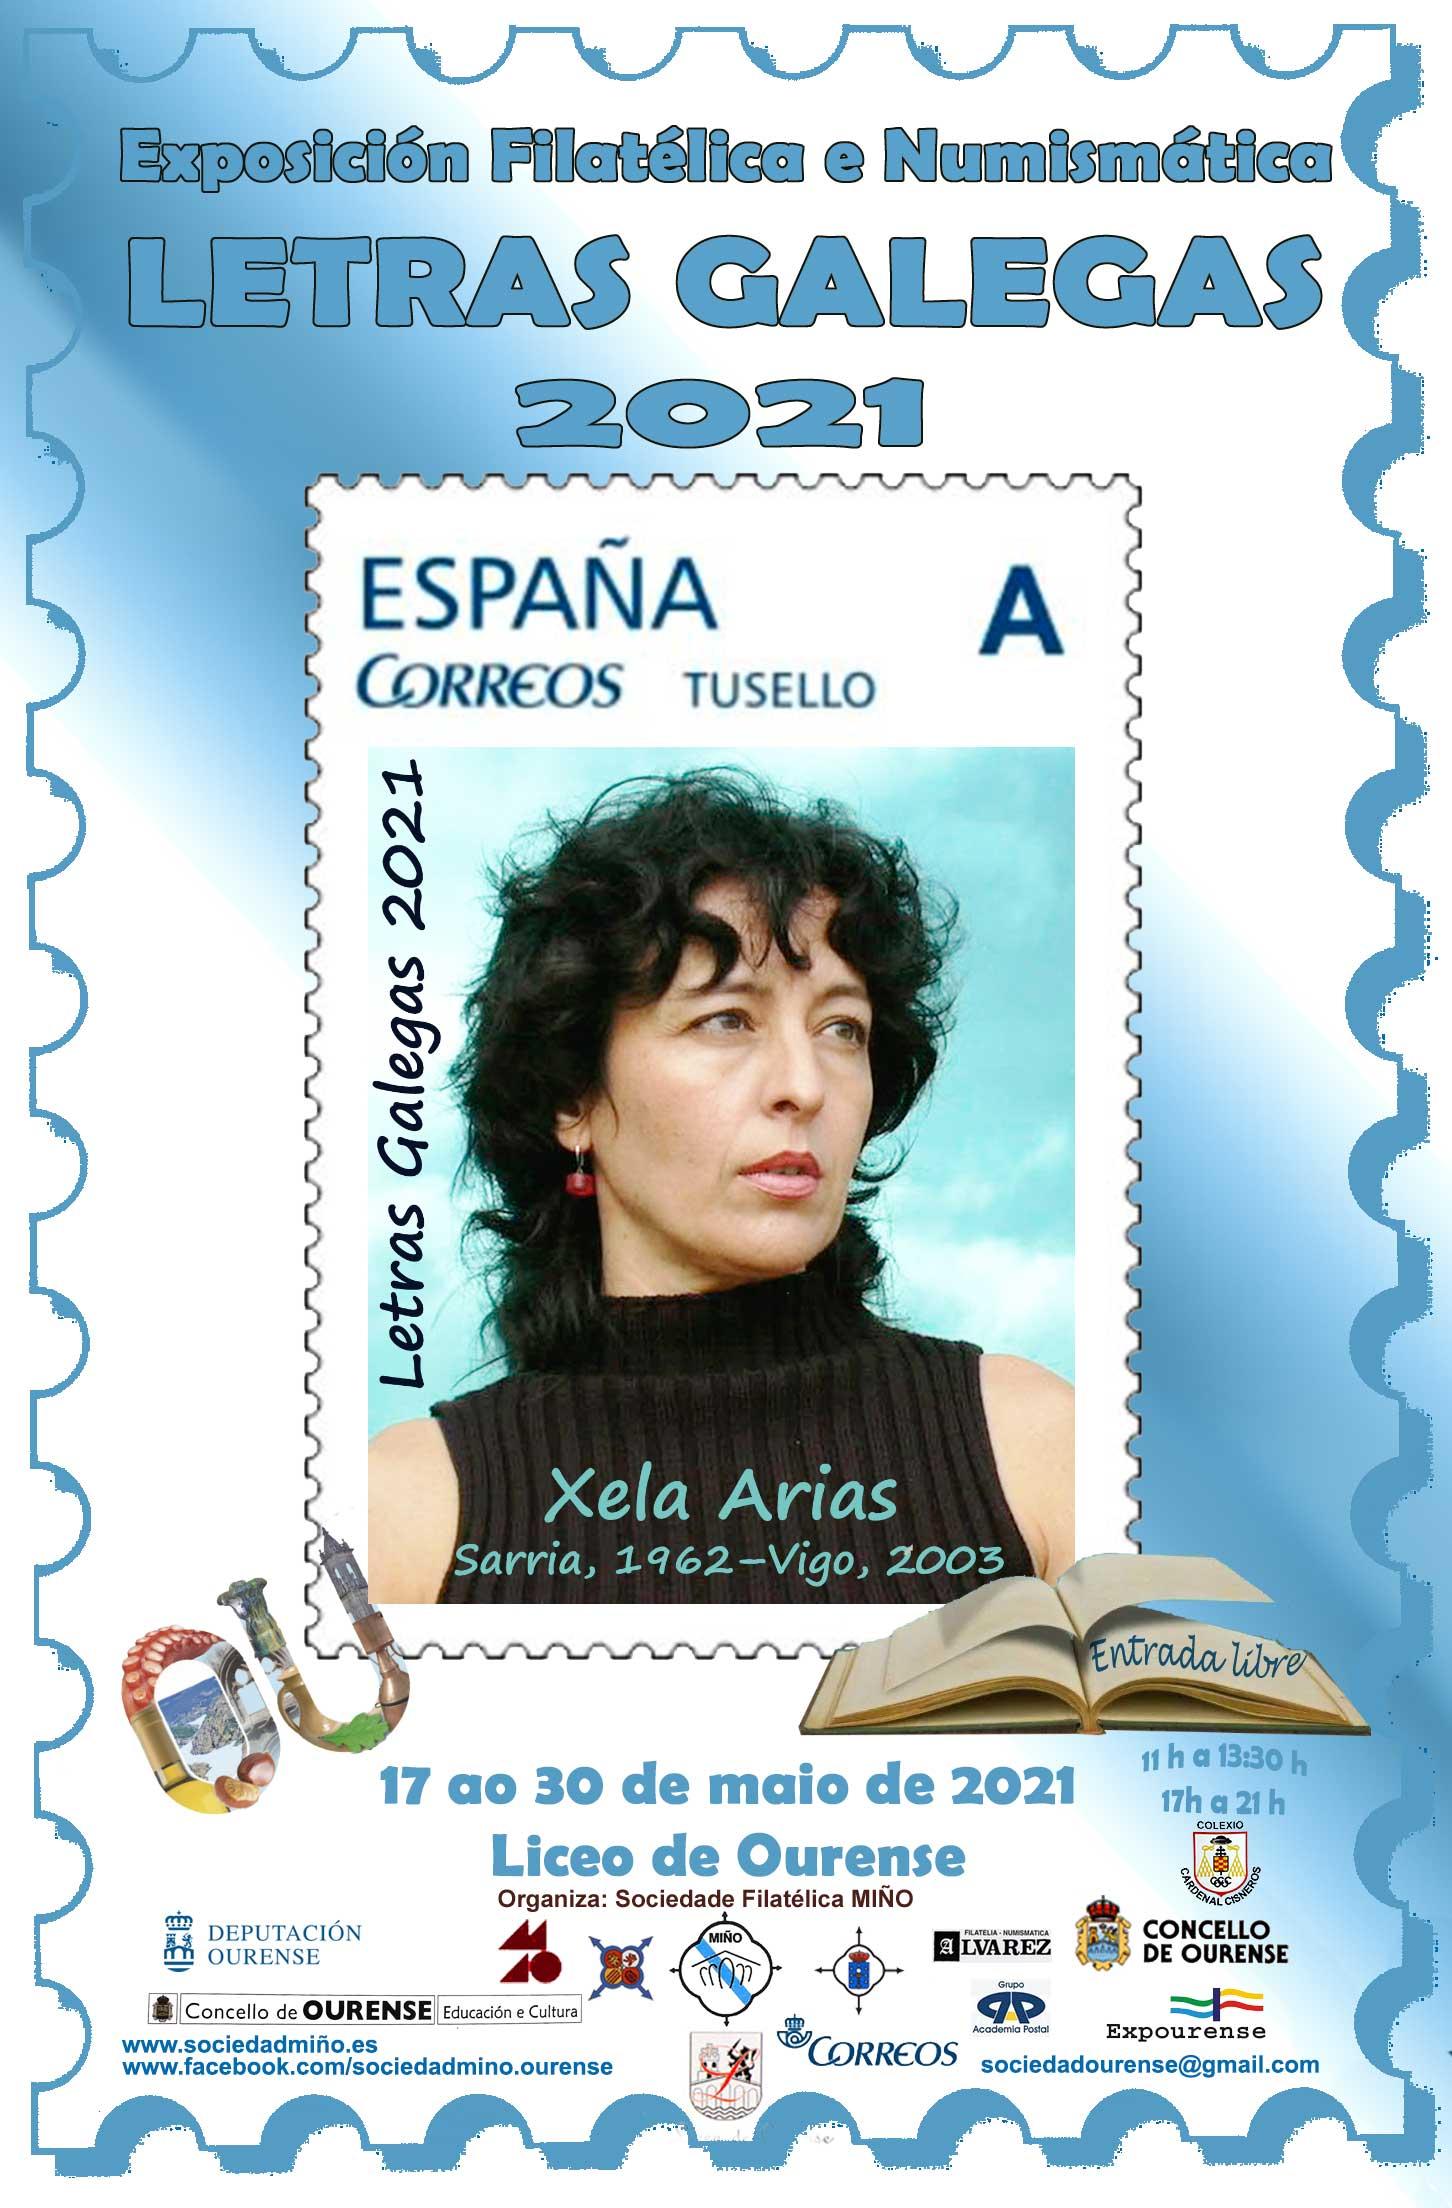 cartel-letras-galegas-2021-web